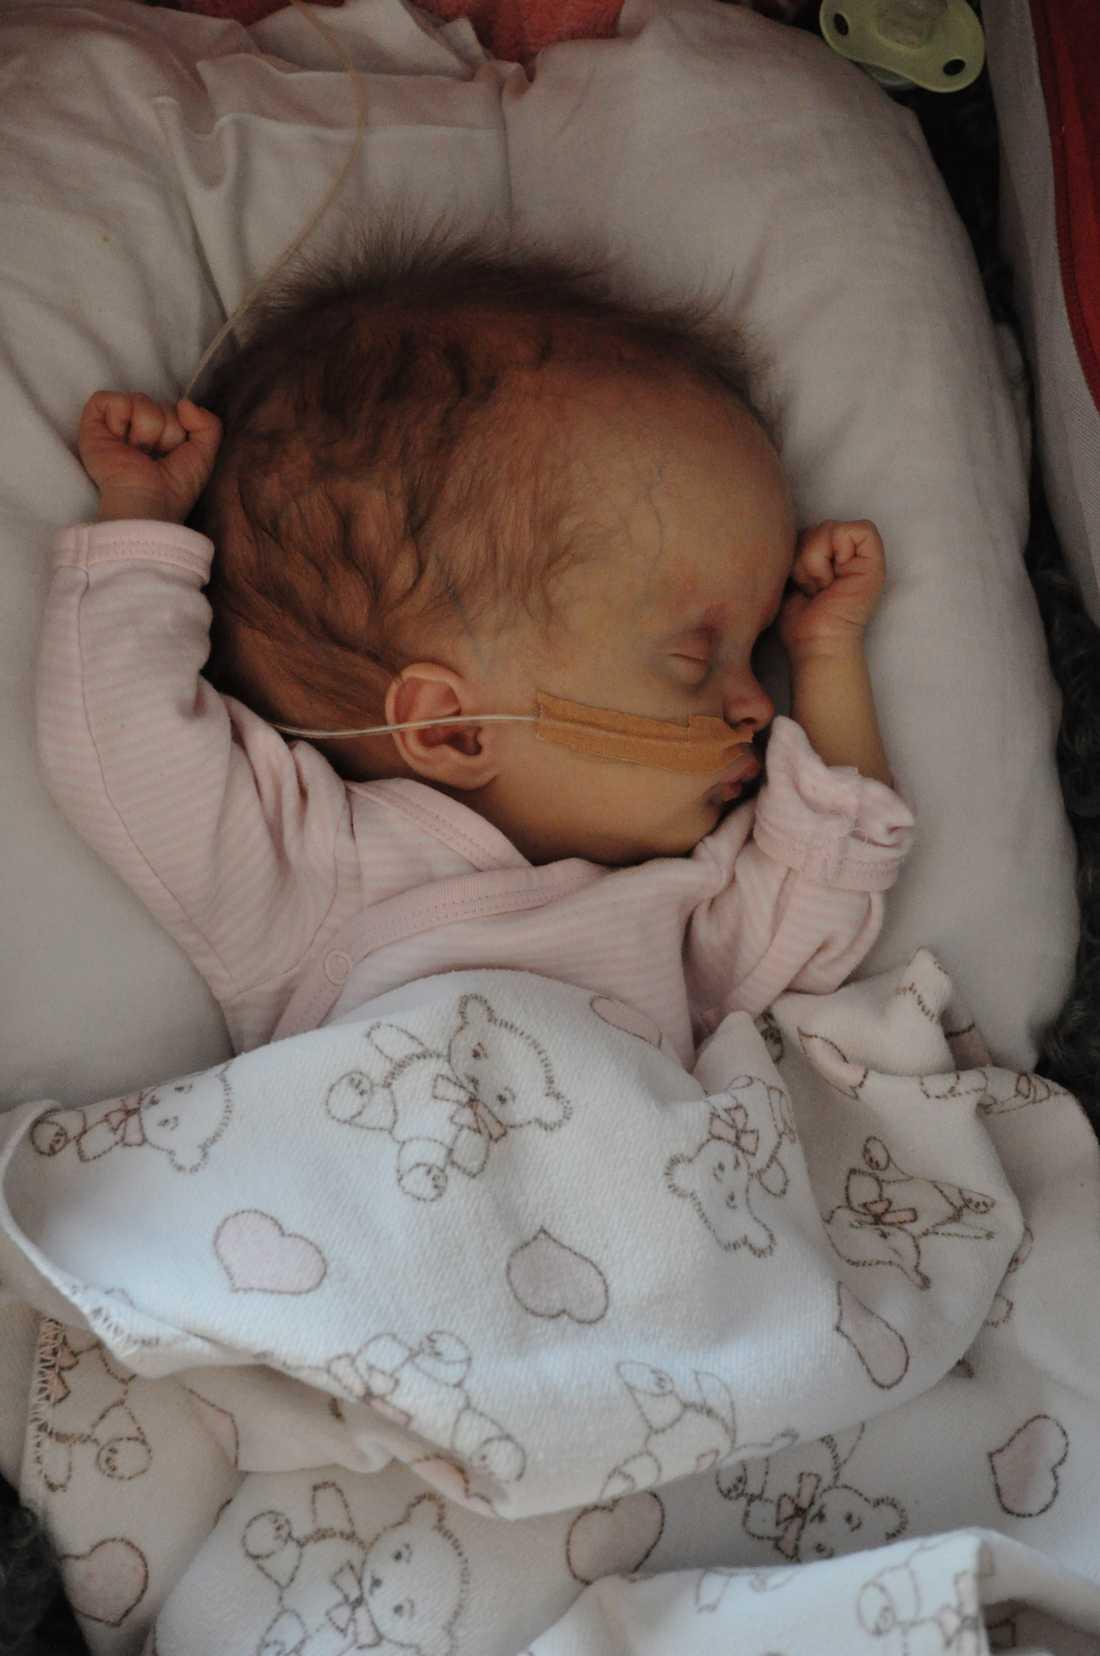 När Elvira var tre dagar fördes hon över till ett hospice för att dö, där hon fick palliativ vård. Hon överlevde mot alla odds.